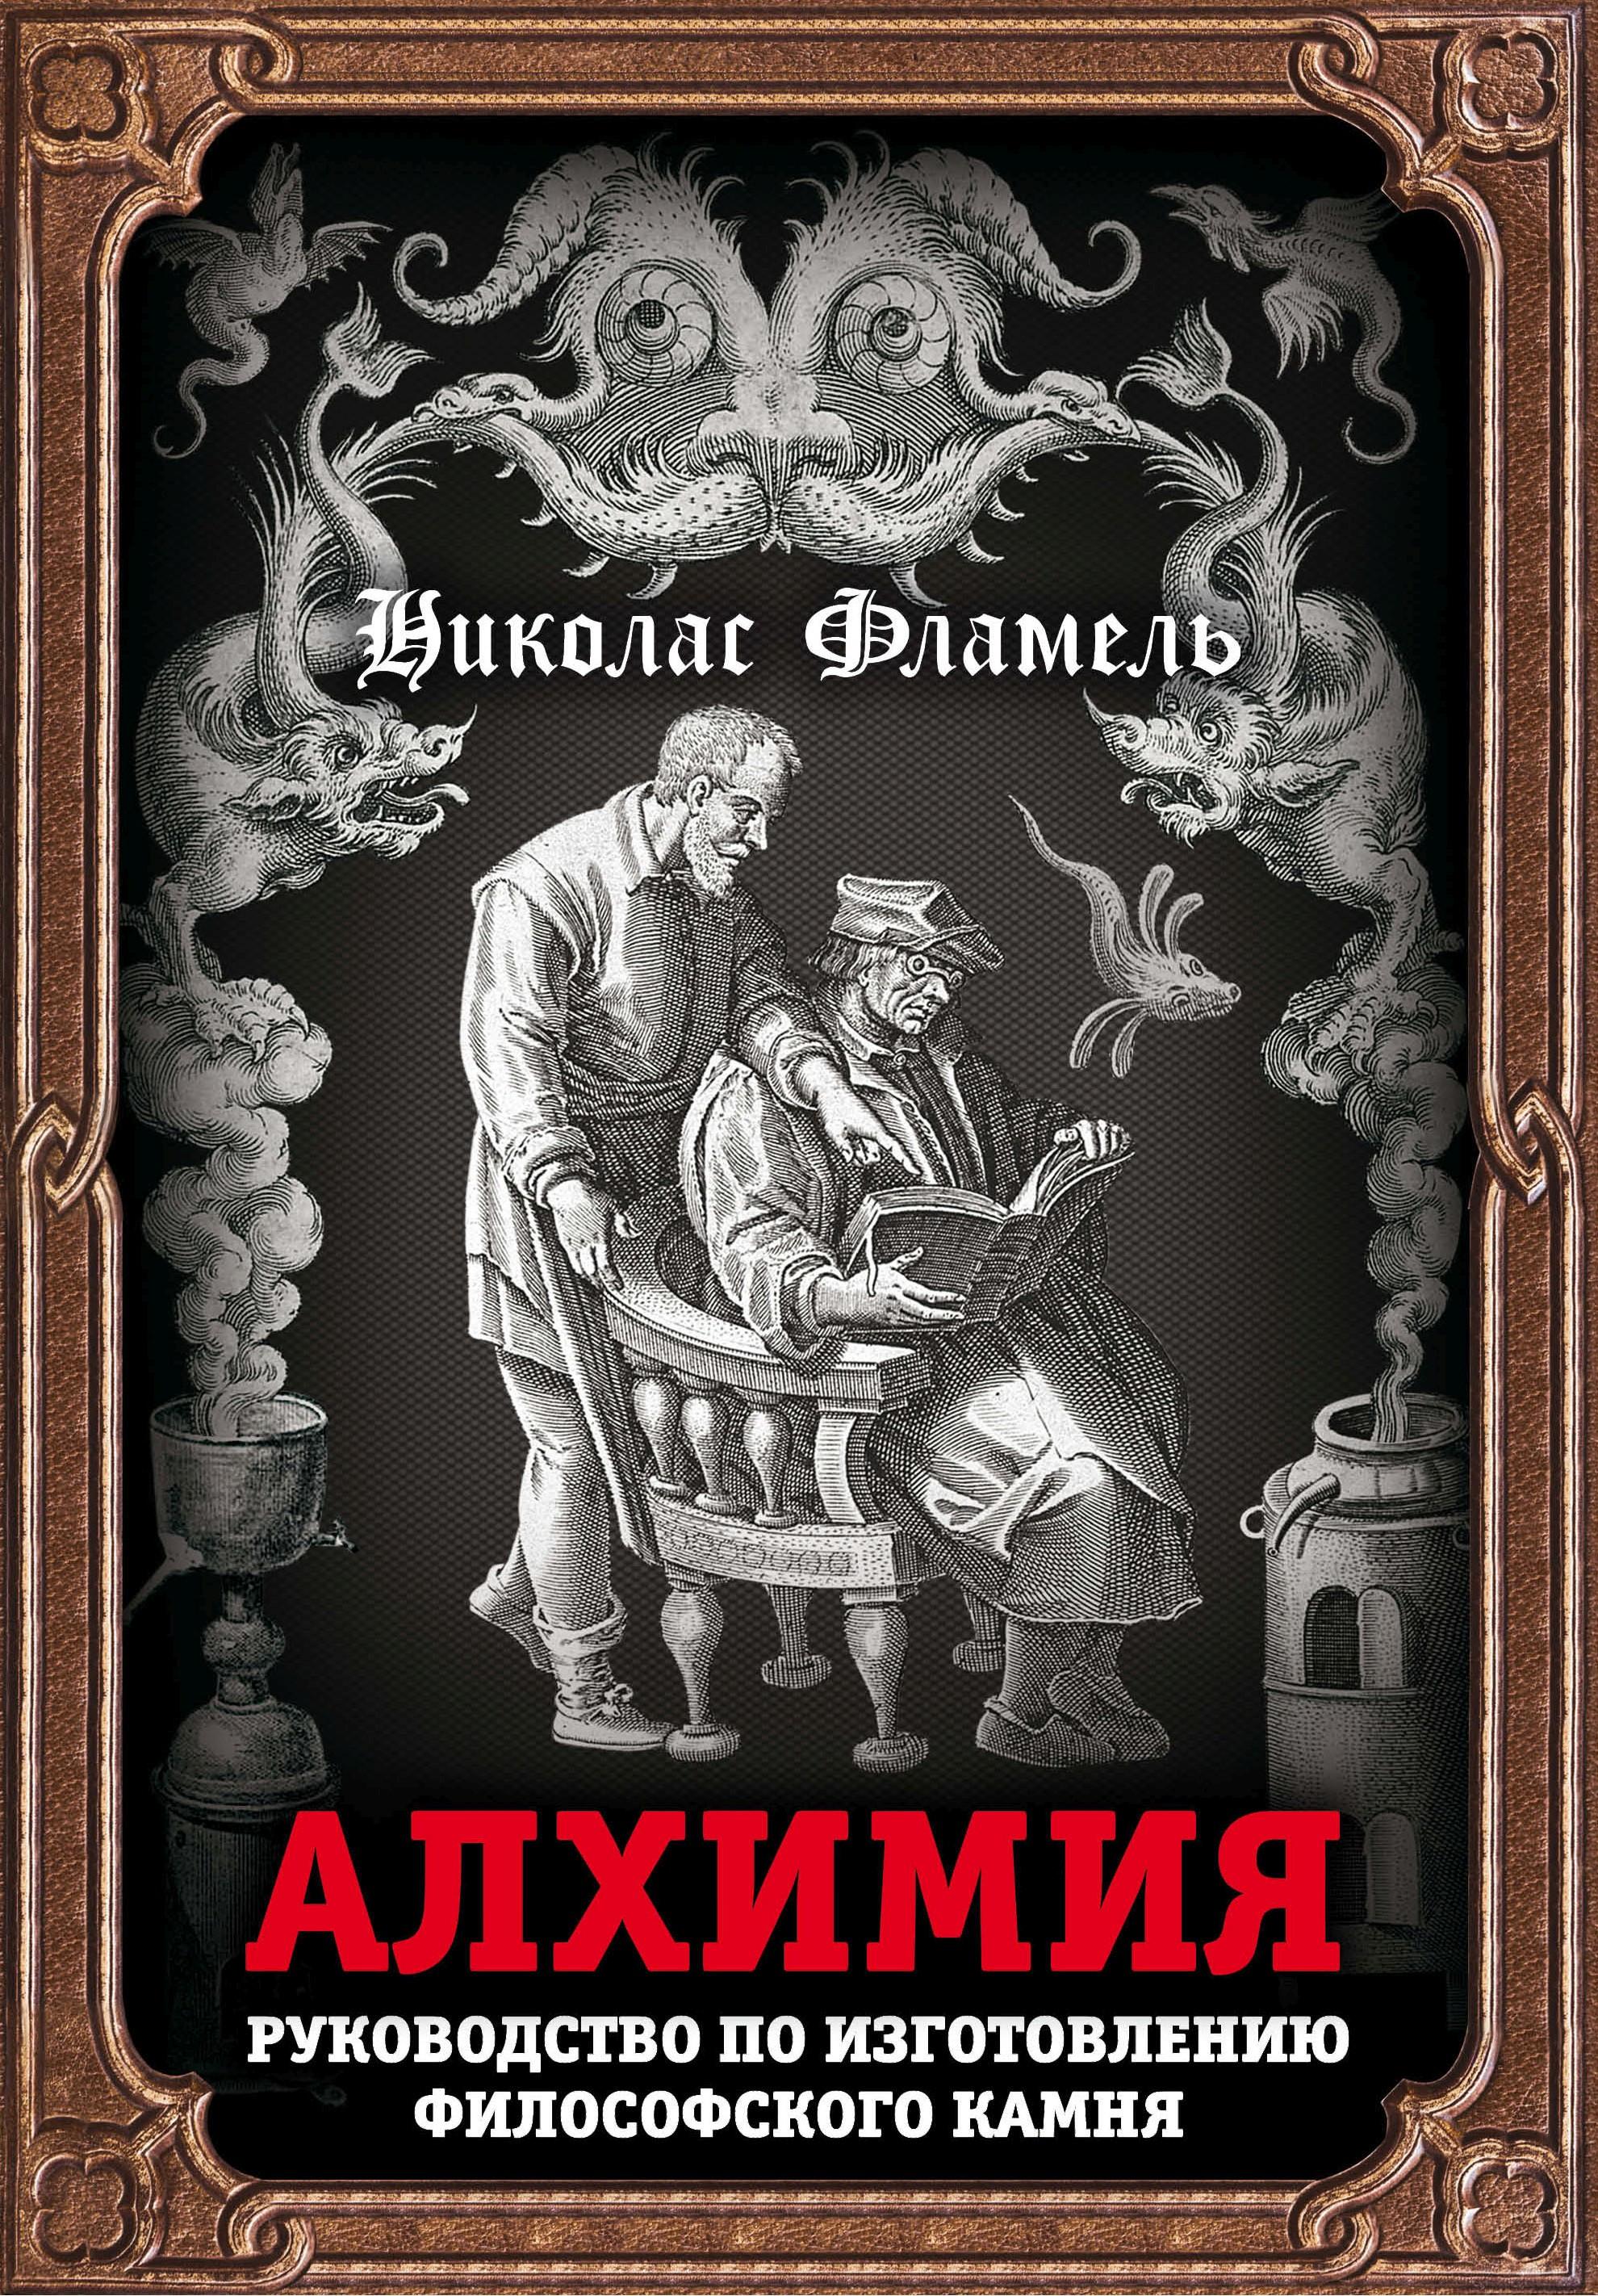 Купить книгу Алхимия. Руководство по изготовлению философского камня, автора Николаса Фламель